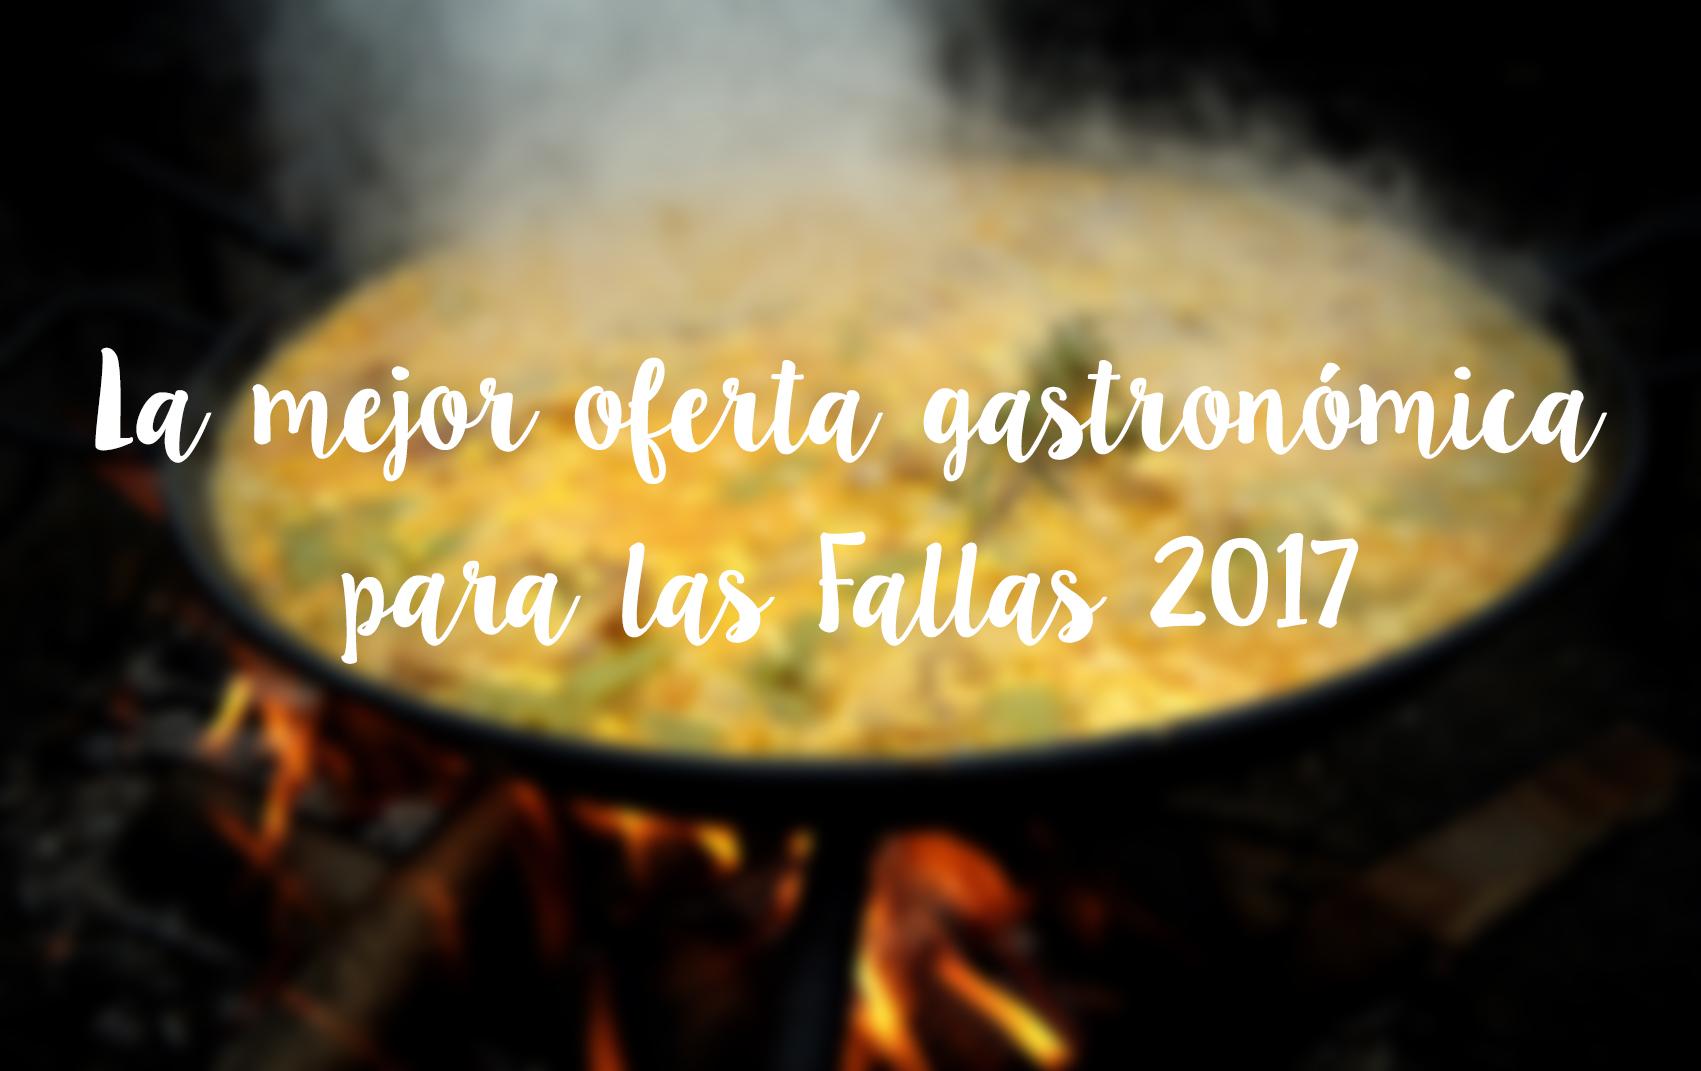 Oferta gastronómica para las Fallas 2017 Paella